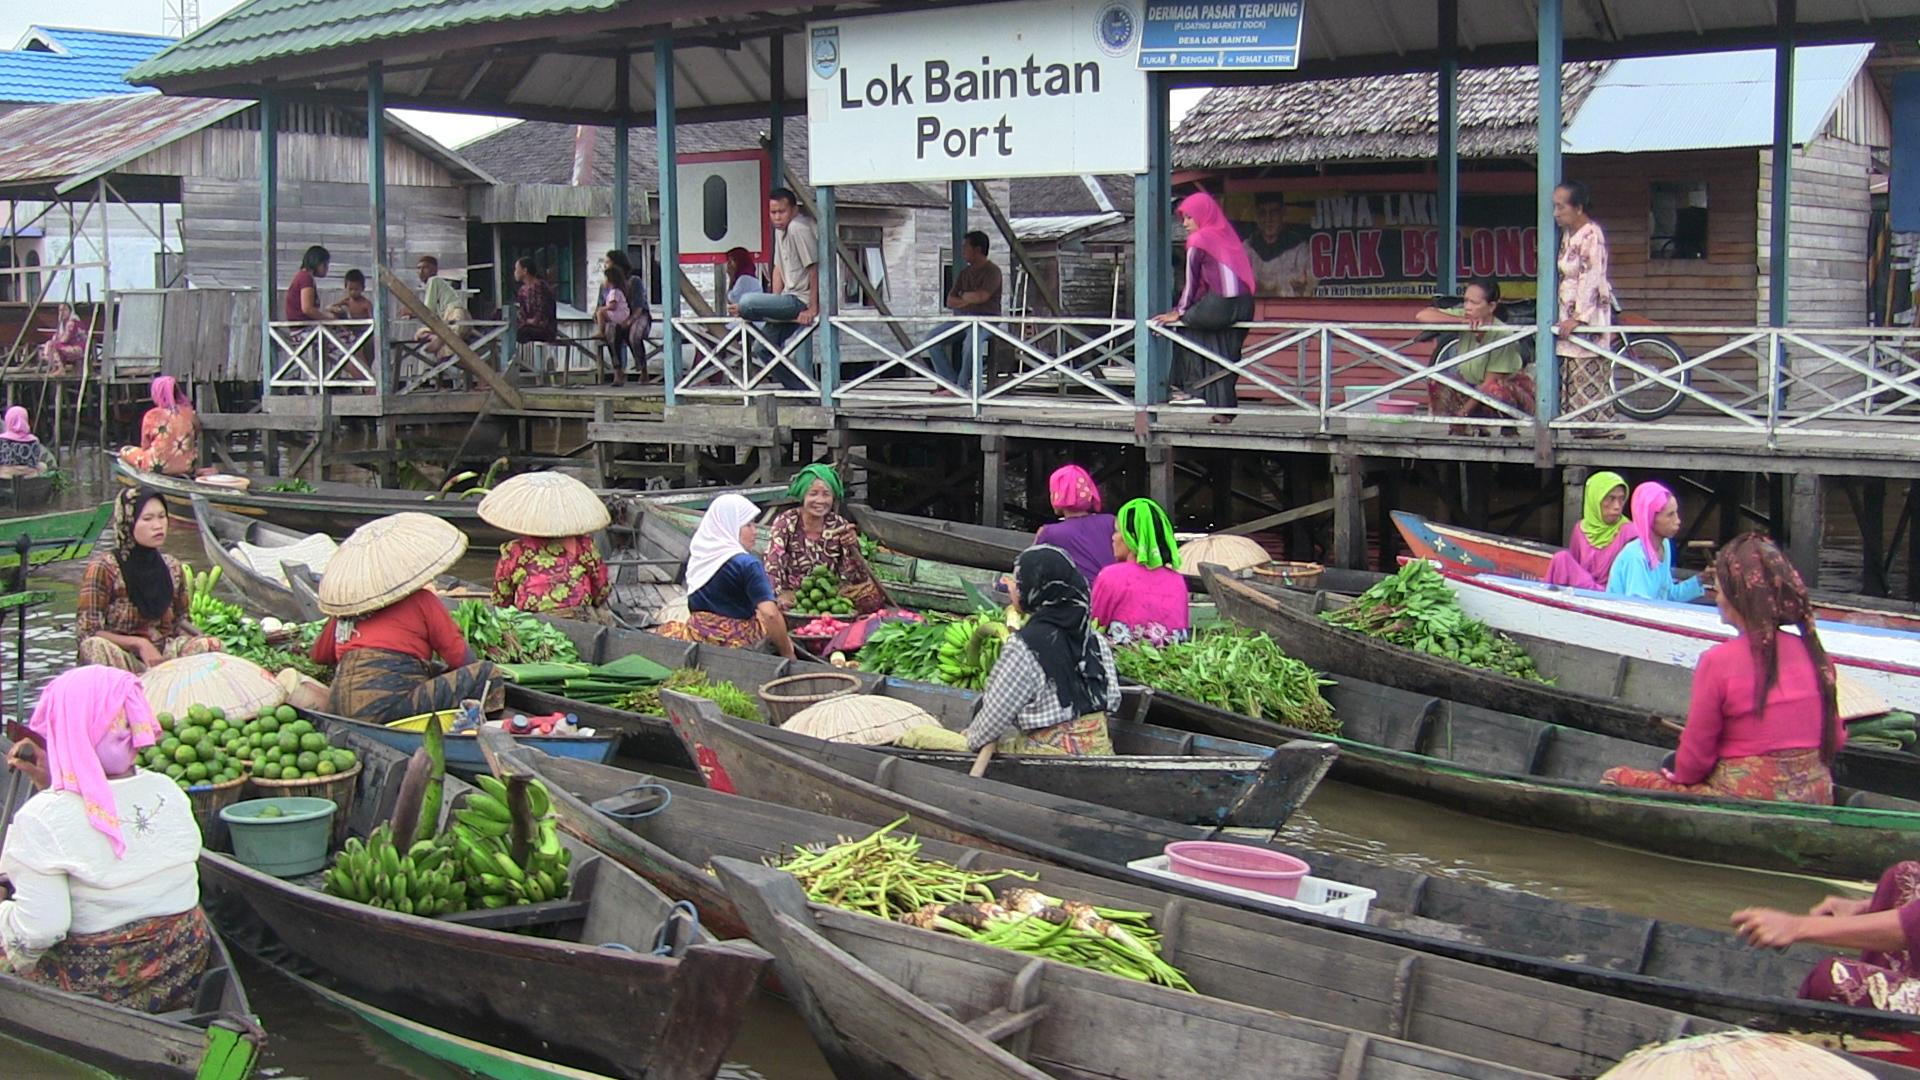 Hasil gambar untuk 6. Pasar Lok Baintan, Kalimantan Selatan.